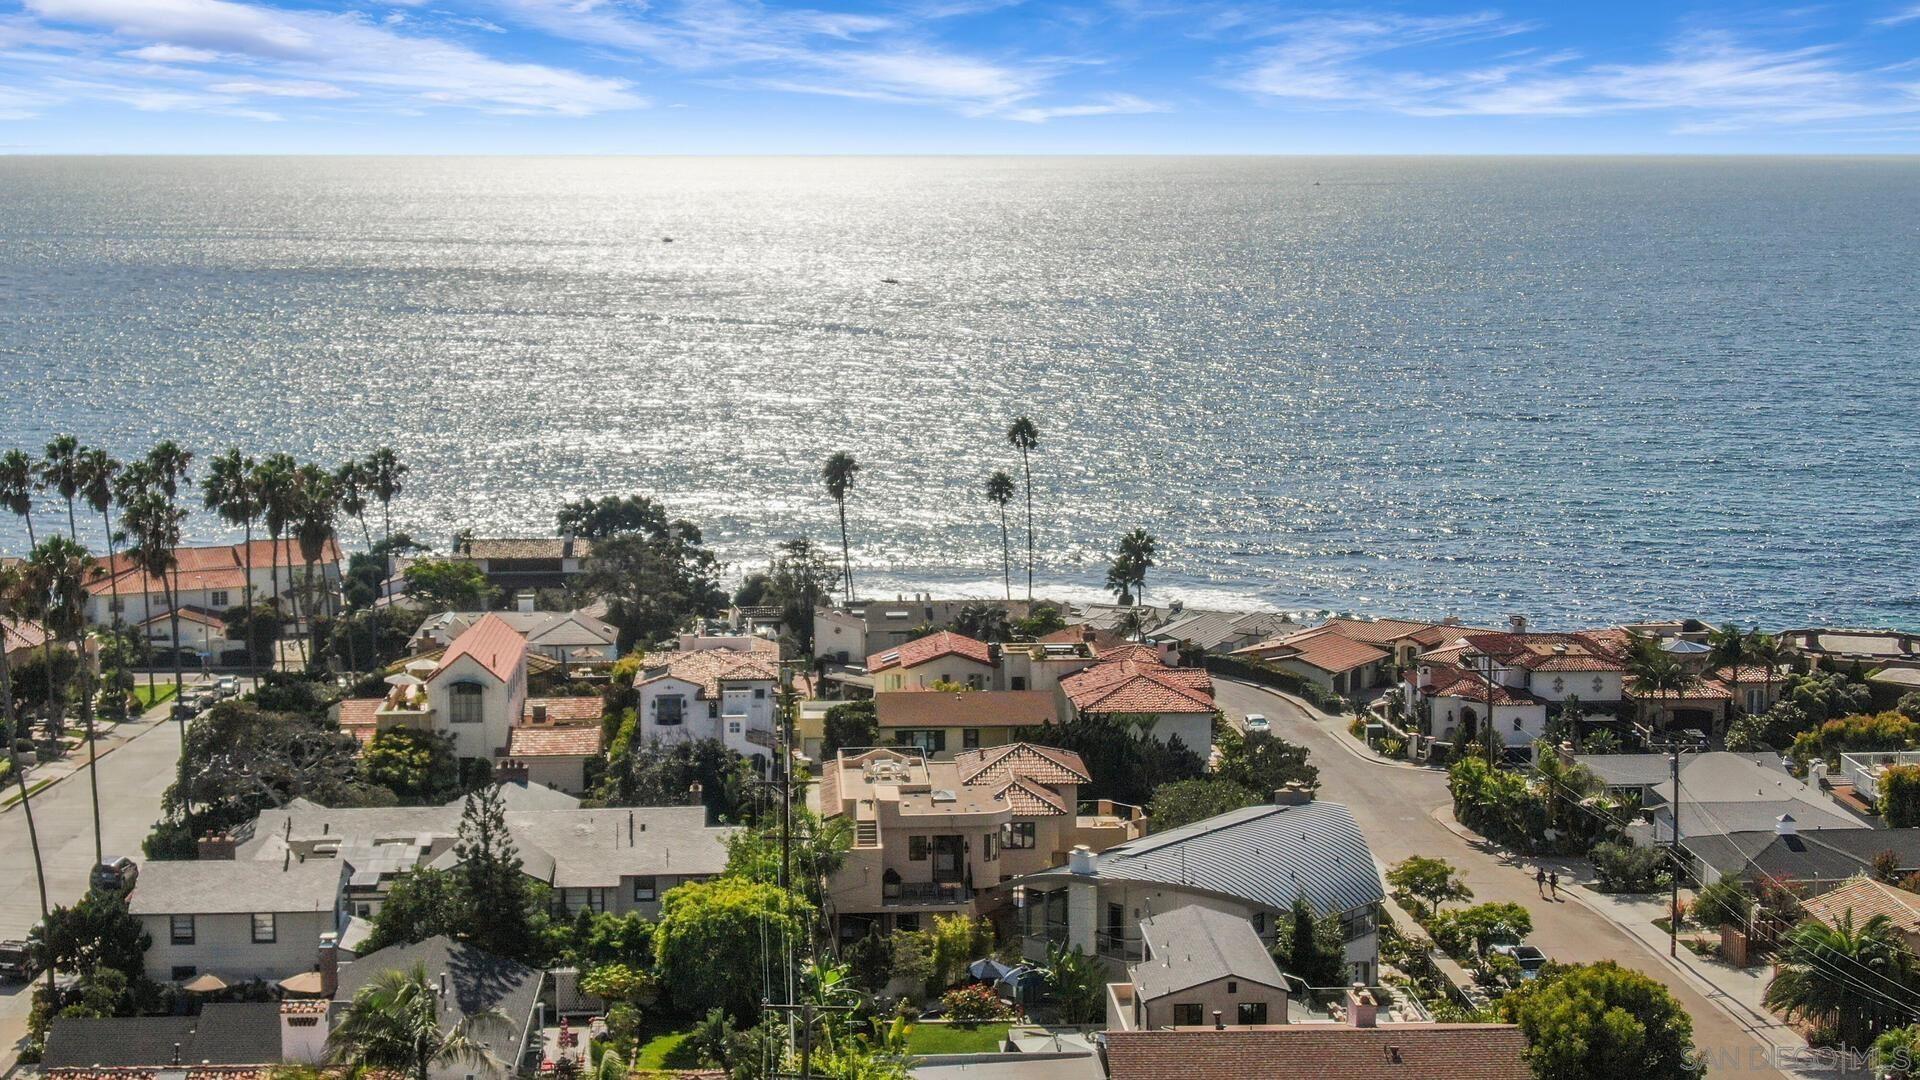 Photo of 7071 Vista Del Mar Ave, La Jolla, CA 92037 (MLS # 210026069)